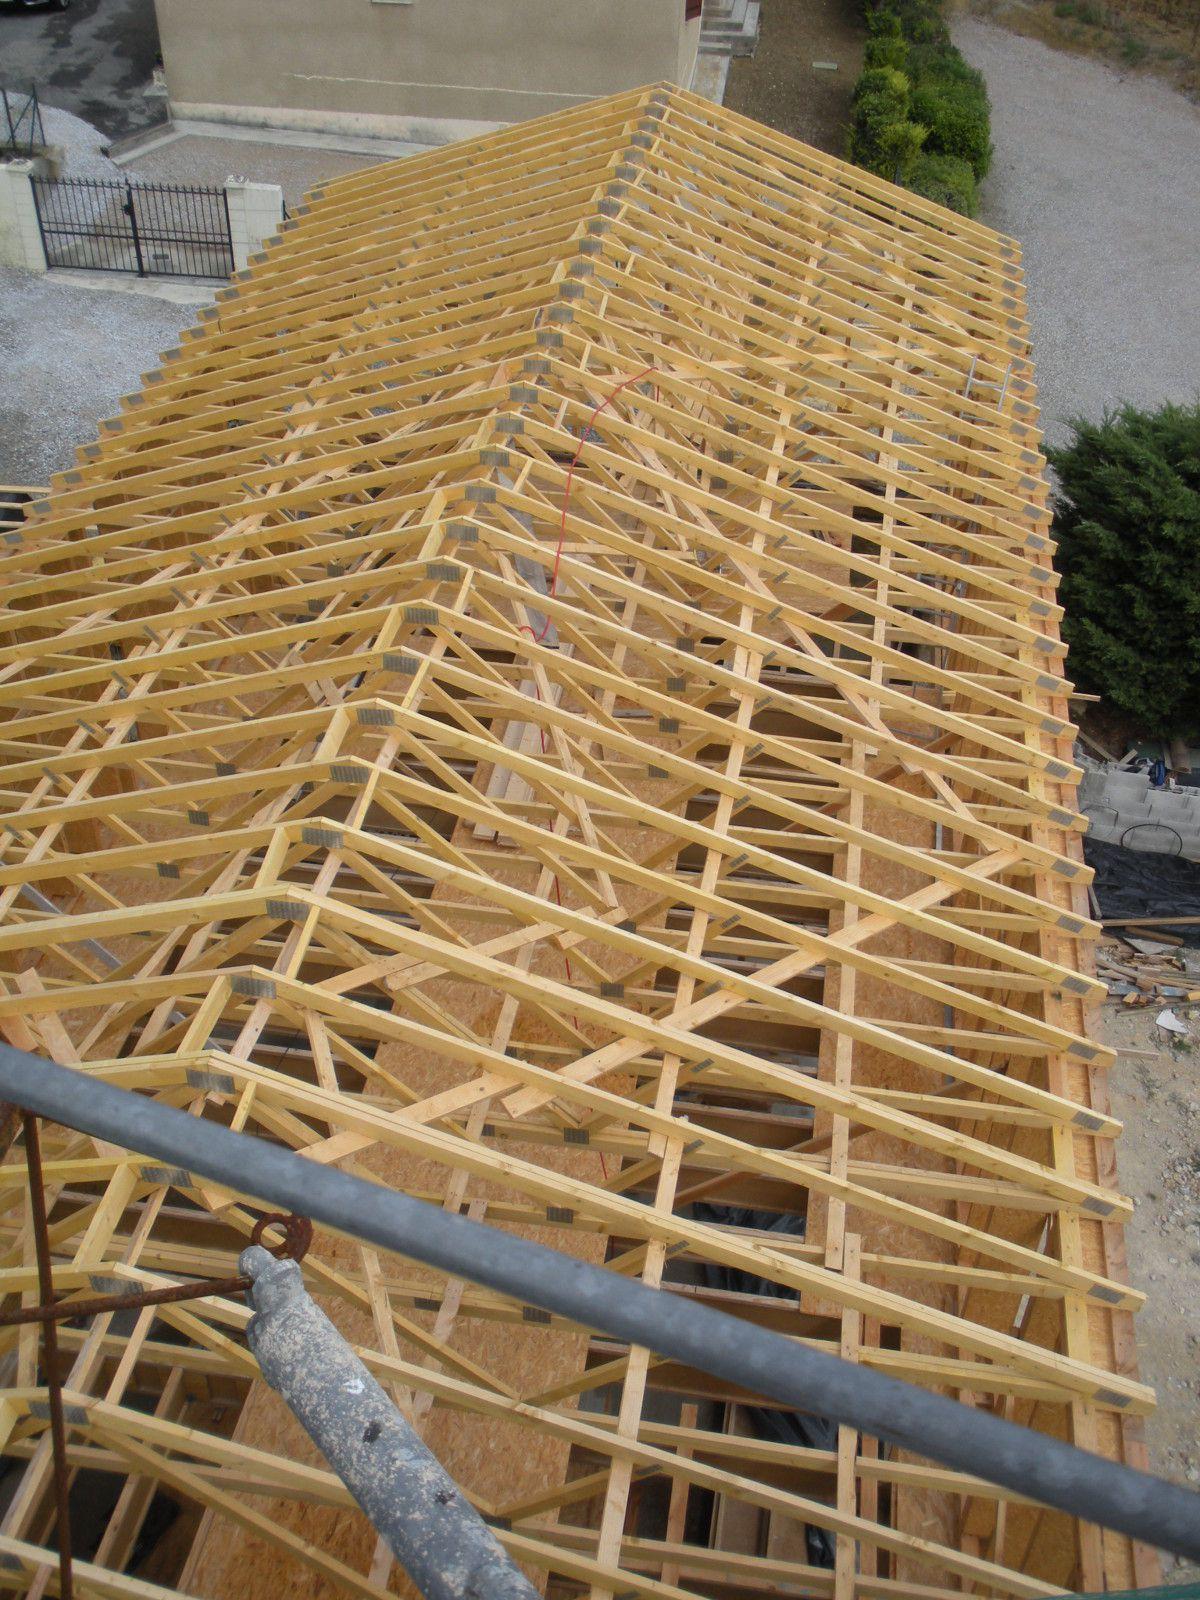 Plan charpente bois agricole obtenez des - Plan charpente bois gratuit ...